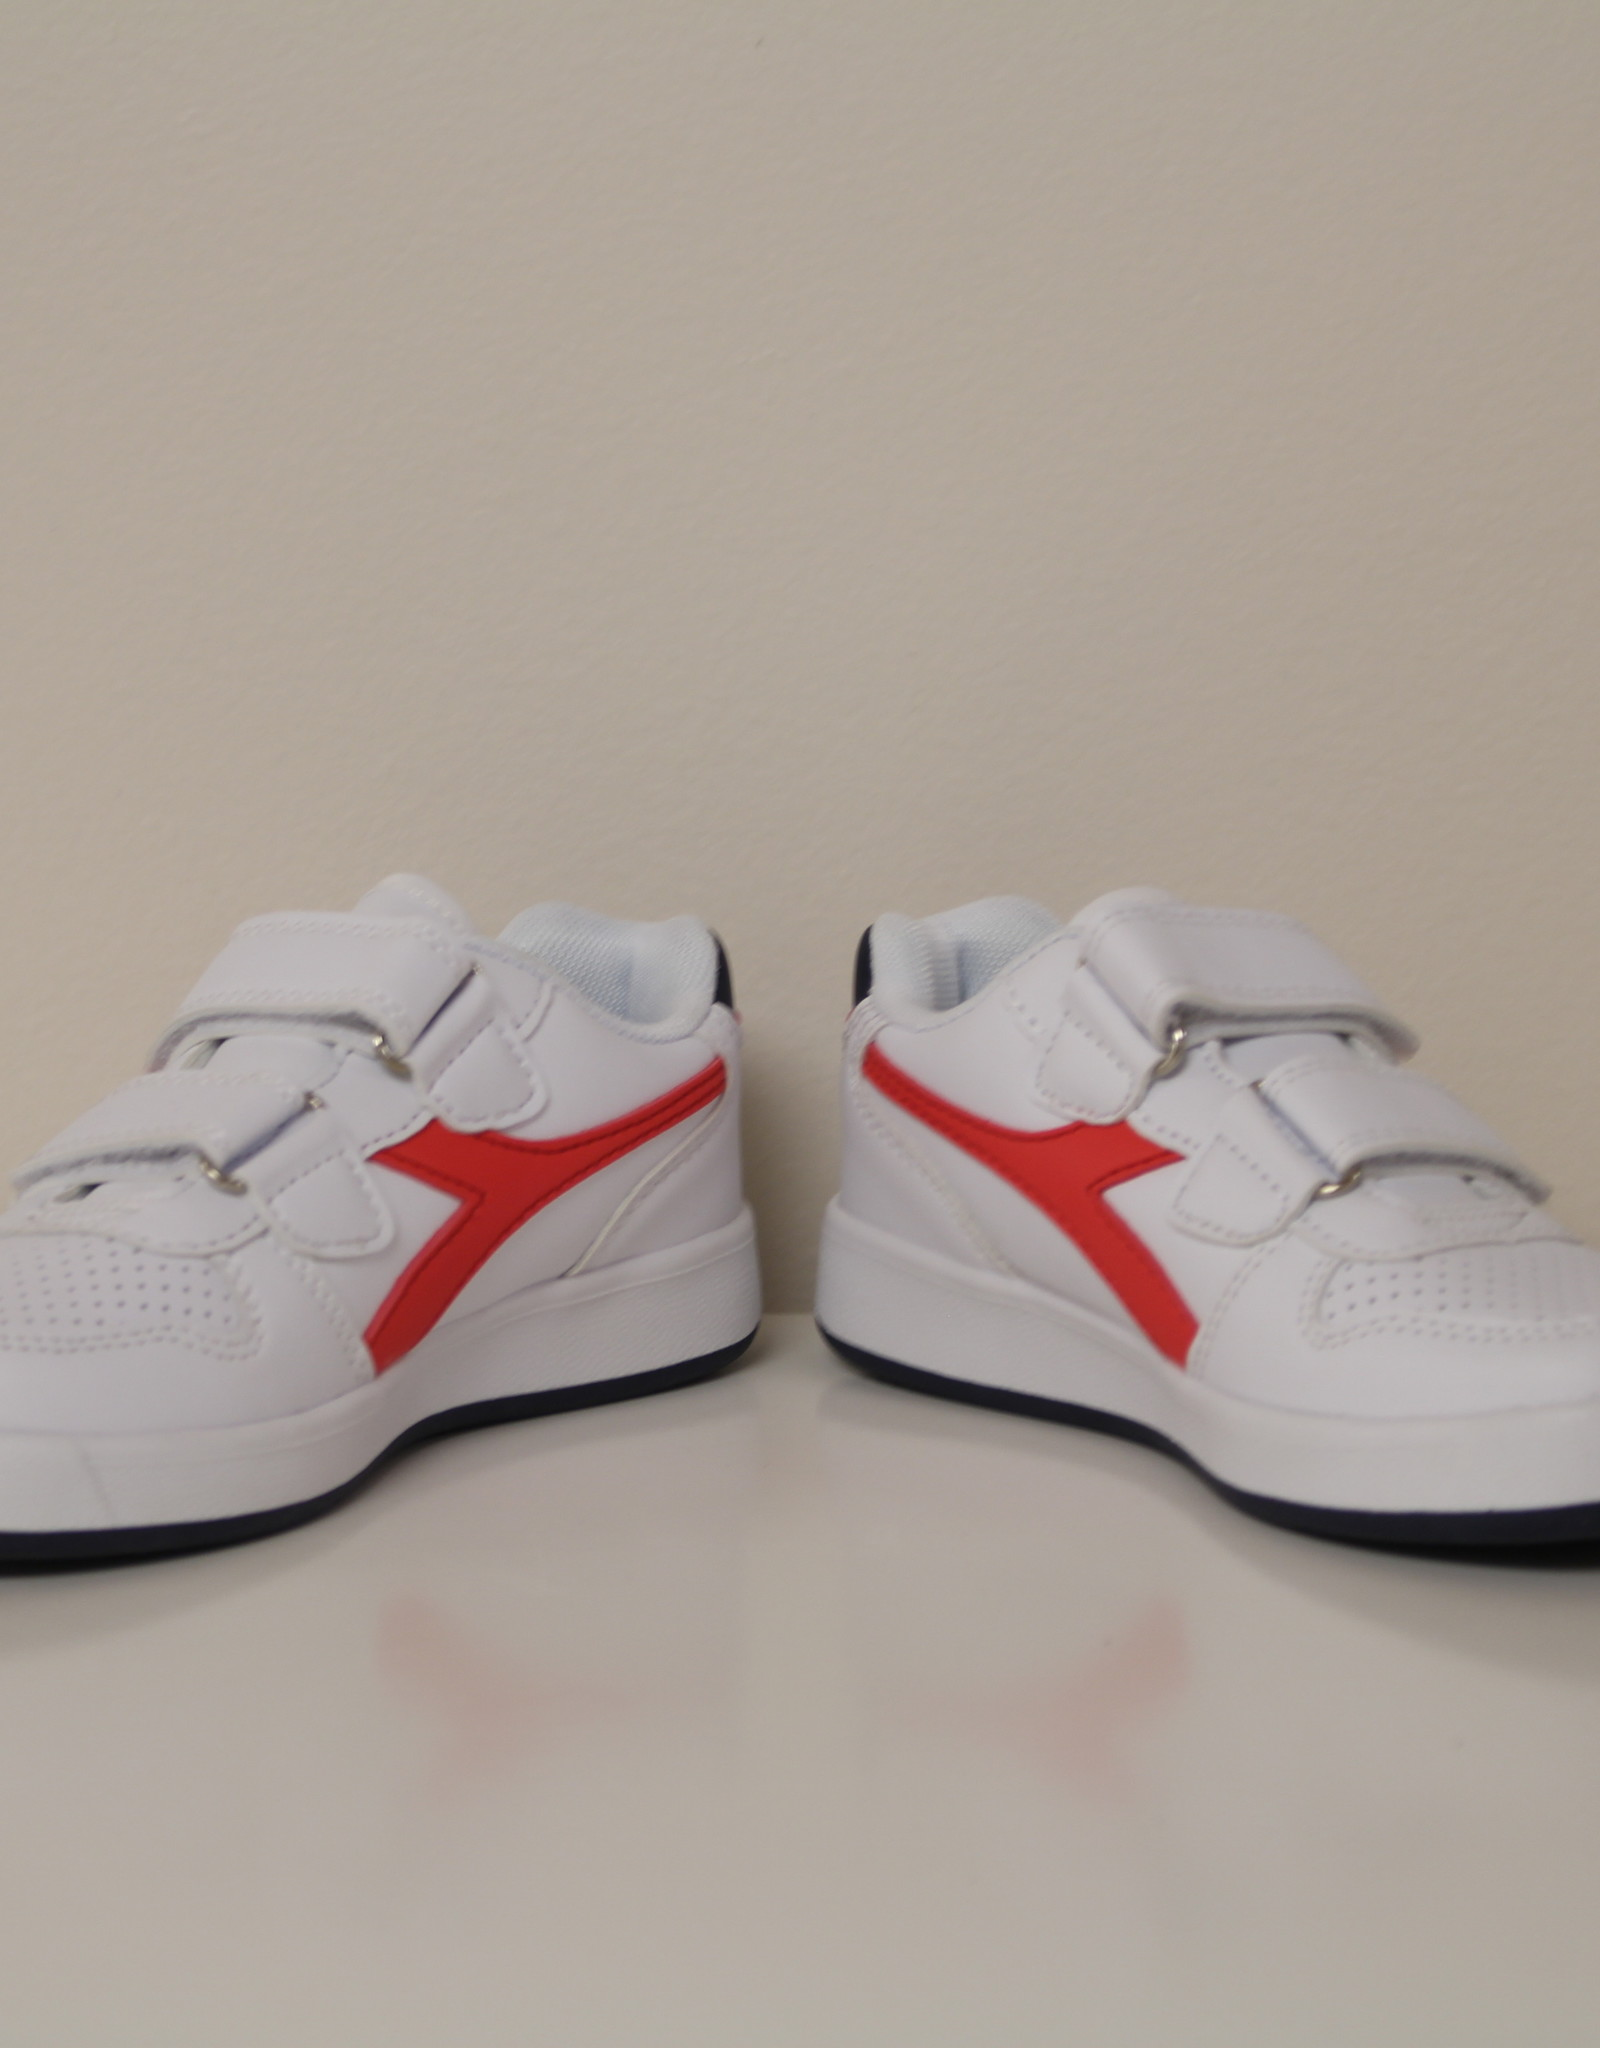 Diadora 101.173301 Playground GS white/red